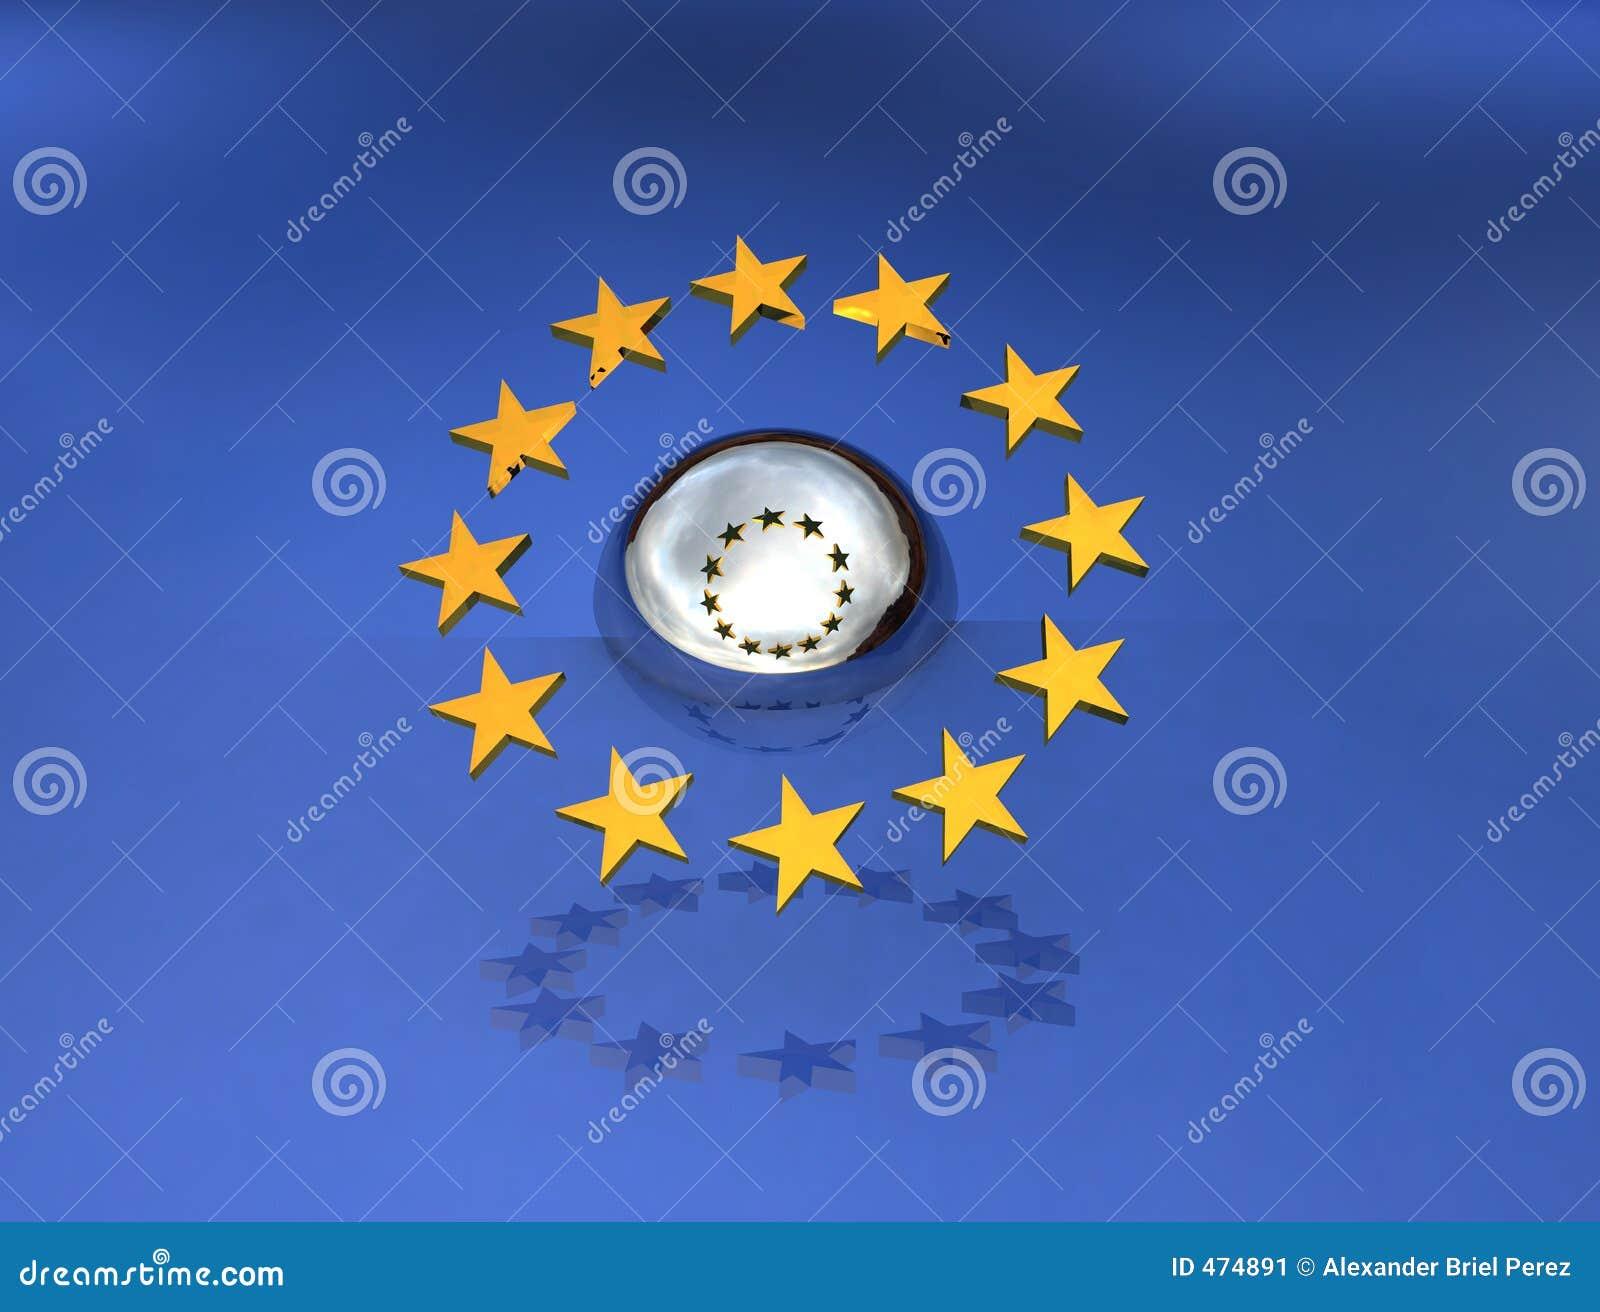 Europa over een gebied